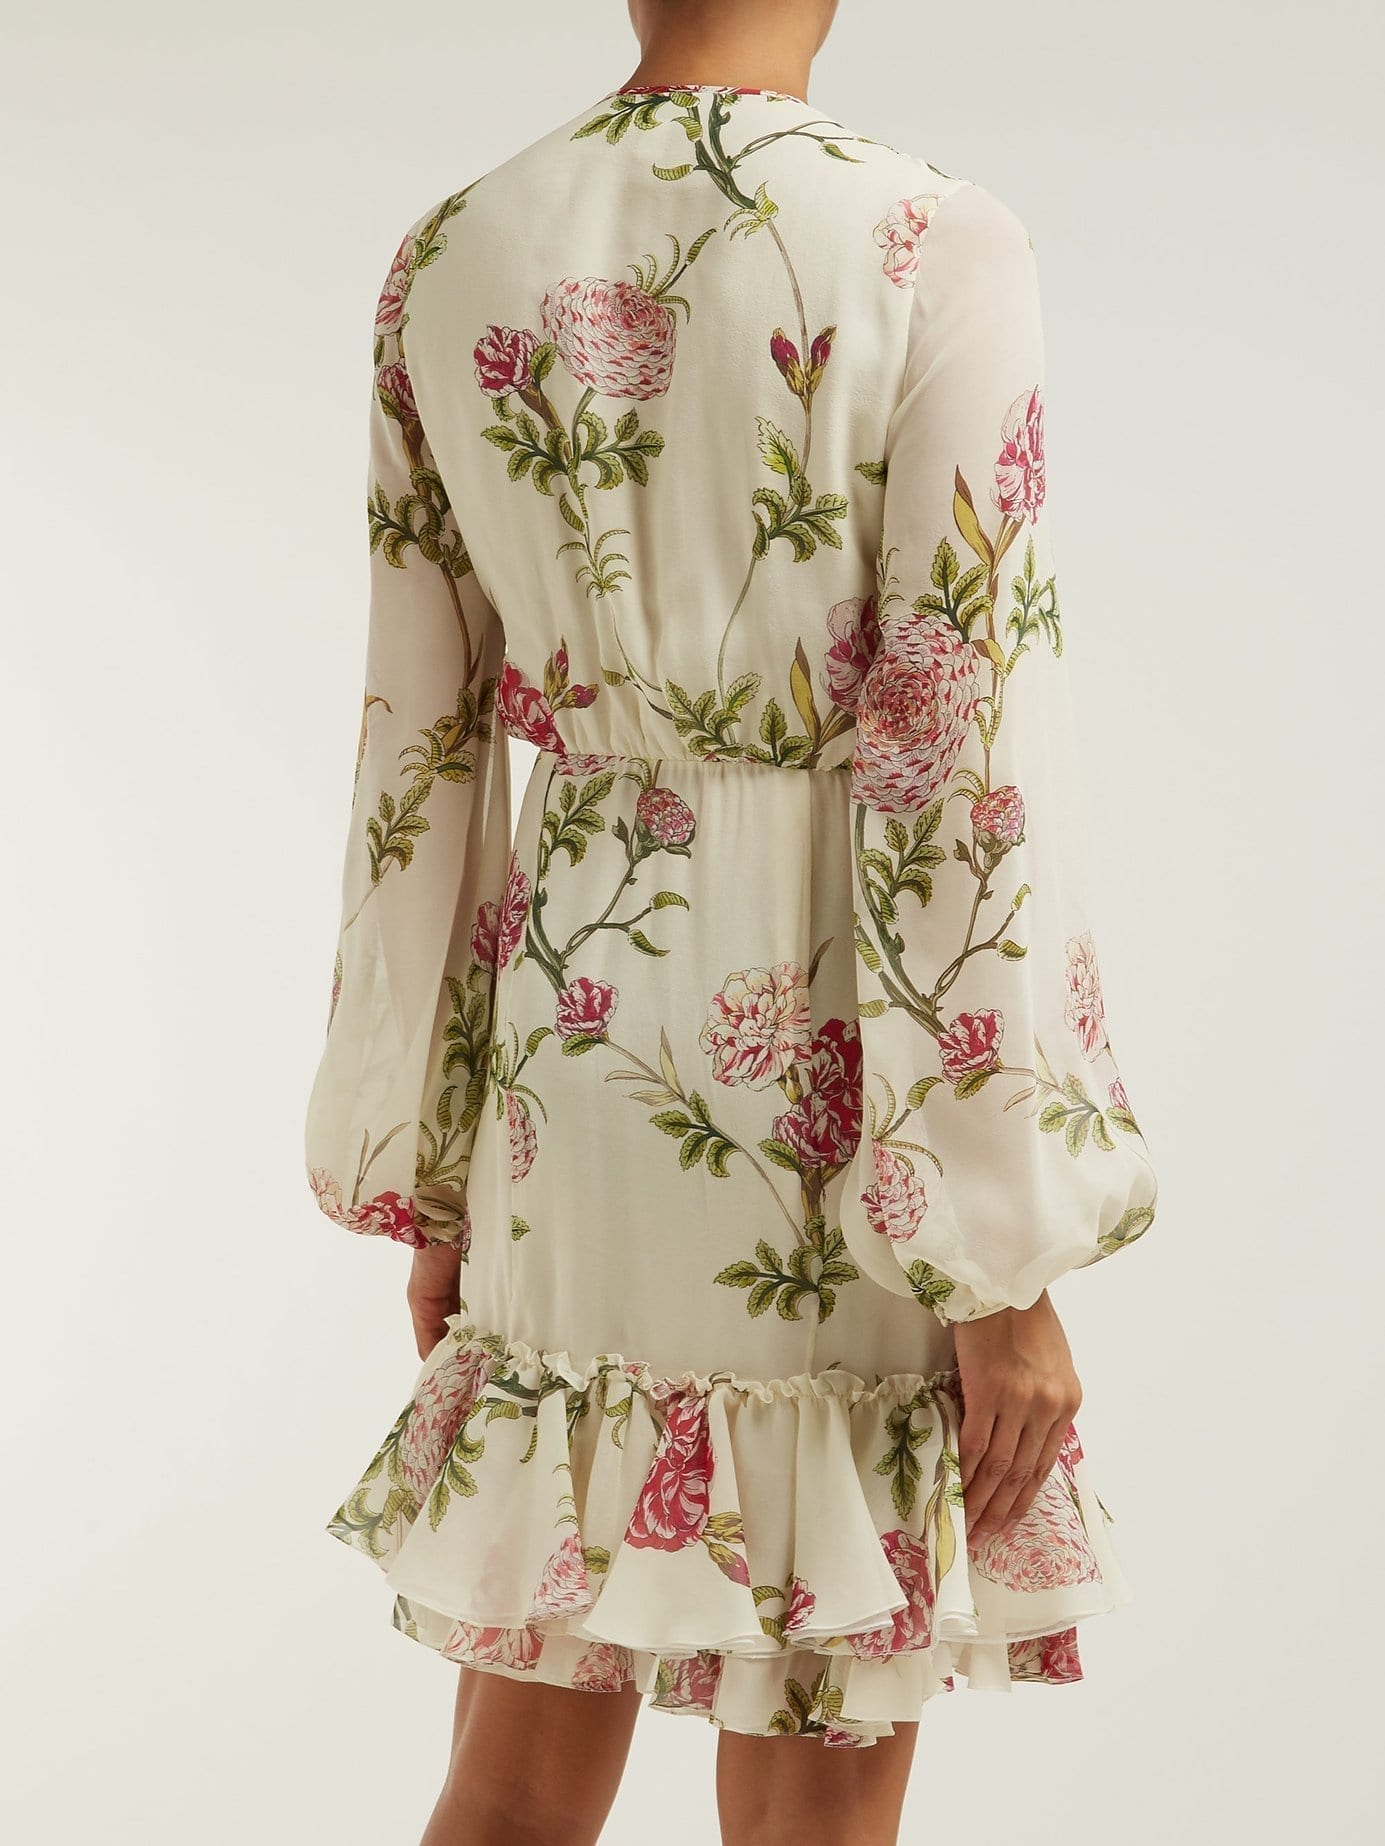 19d6f362e7f42 GIAMBATTISTA VALLI Peony-Print Silk-Chiffon Midi Ivory Dress - We ...